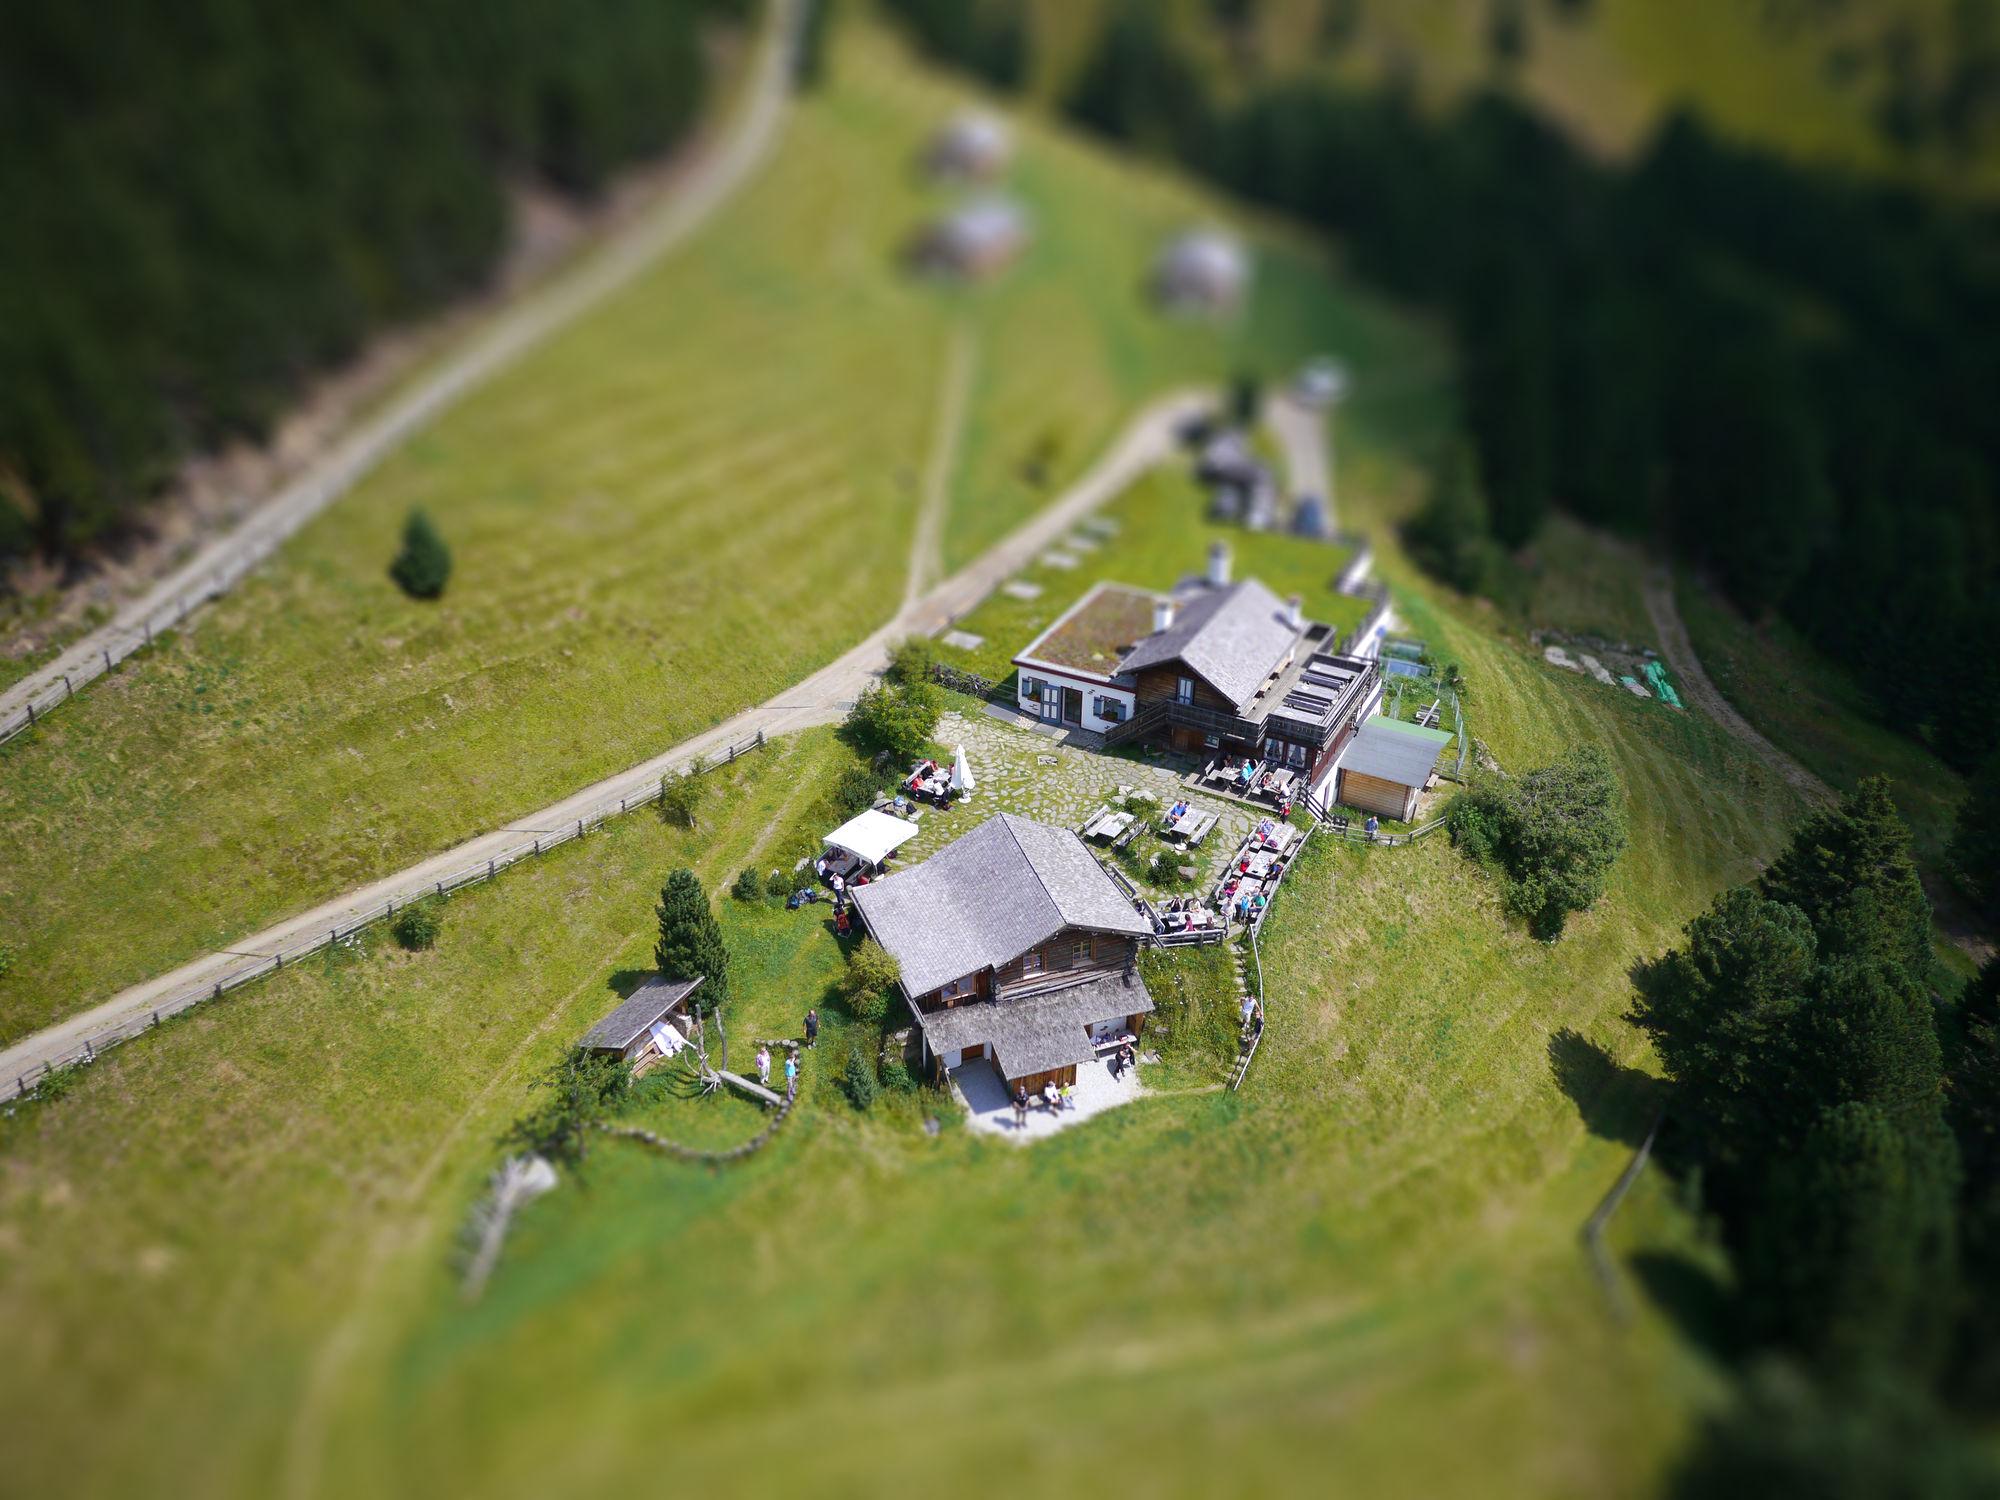 Luftbild eines Bergbauernhofs mit Tilt-Shift Effekt